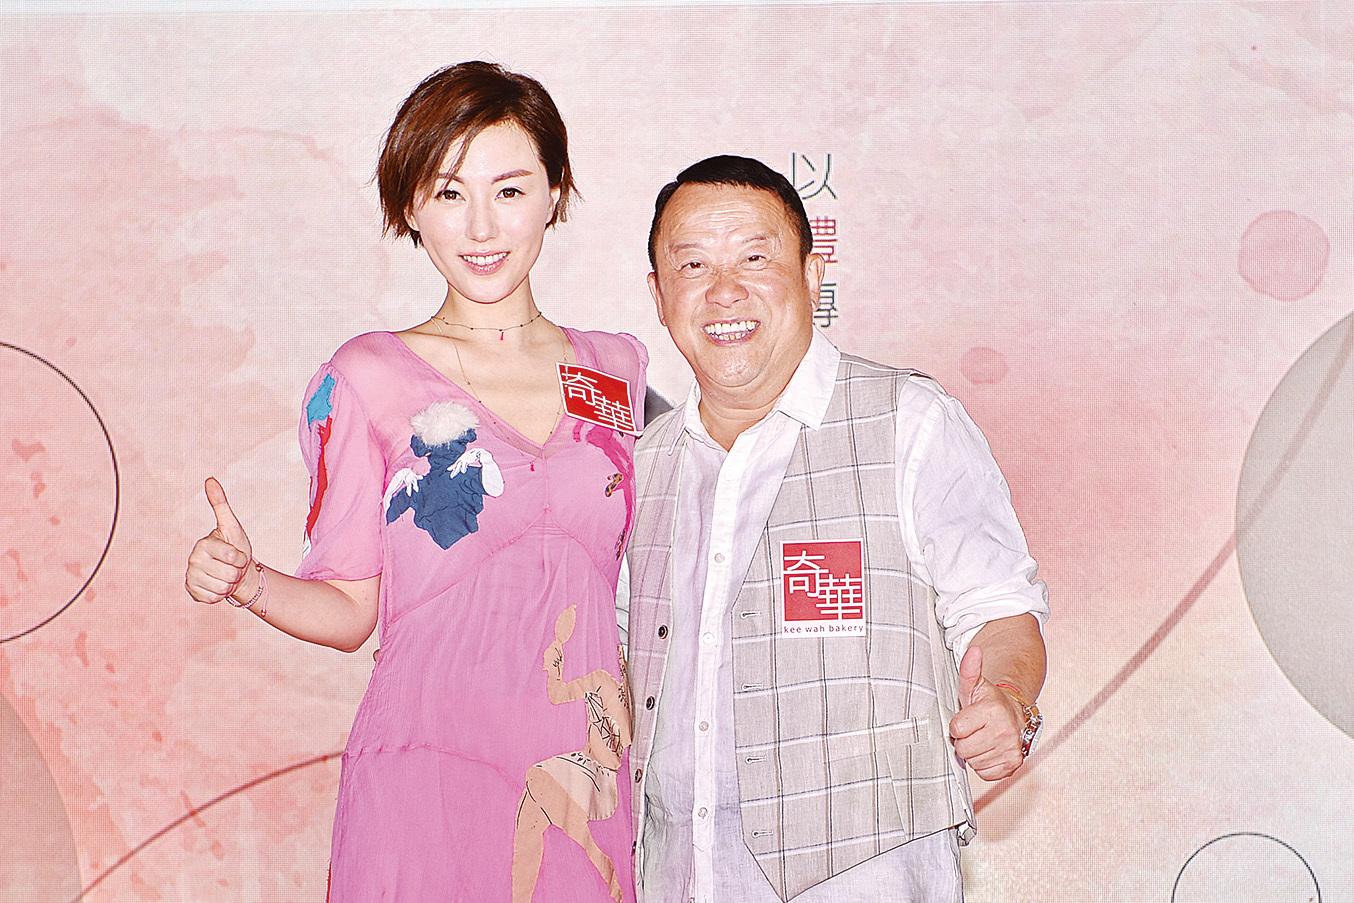 曾志偉(右)和劉心悠(左)20日出席品牌代言活動,分別為不同系列宣傳。(宋碧龍/大紀元)